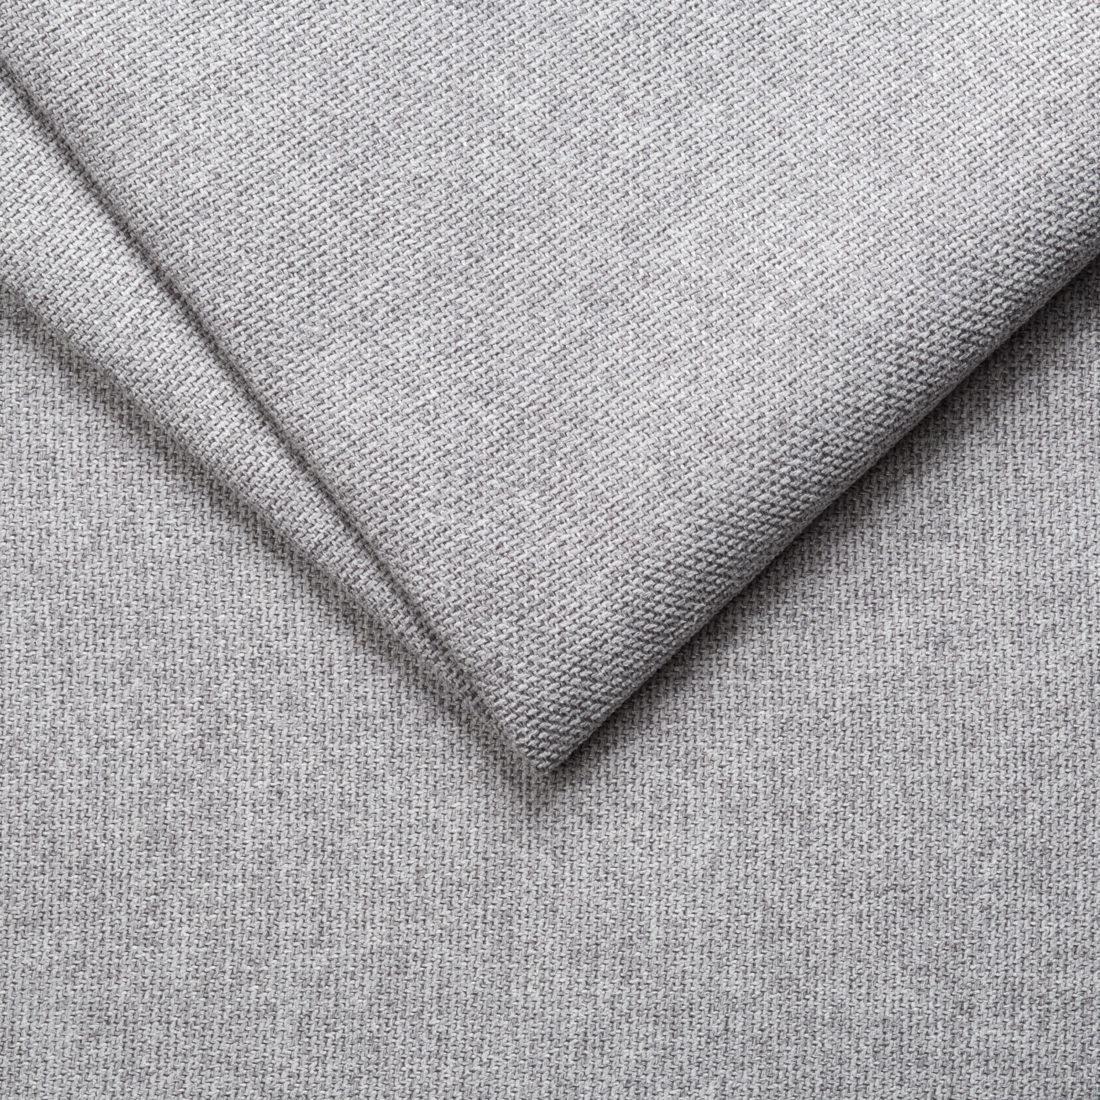 Мебельная ткань Austin 18 Grey, рогожка